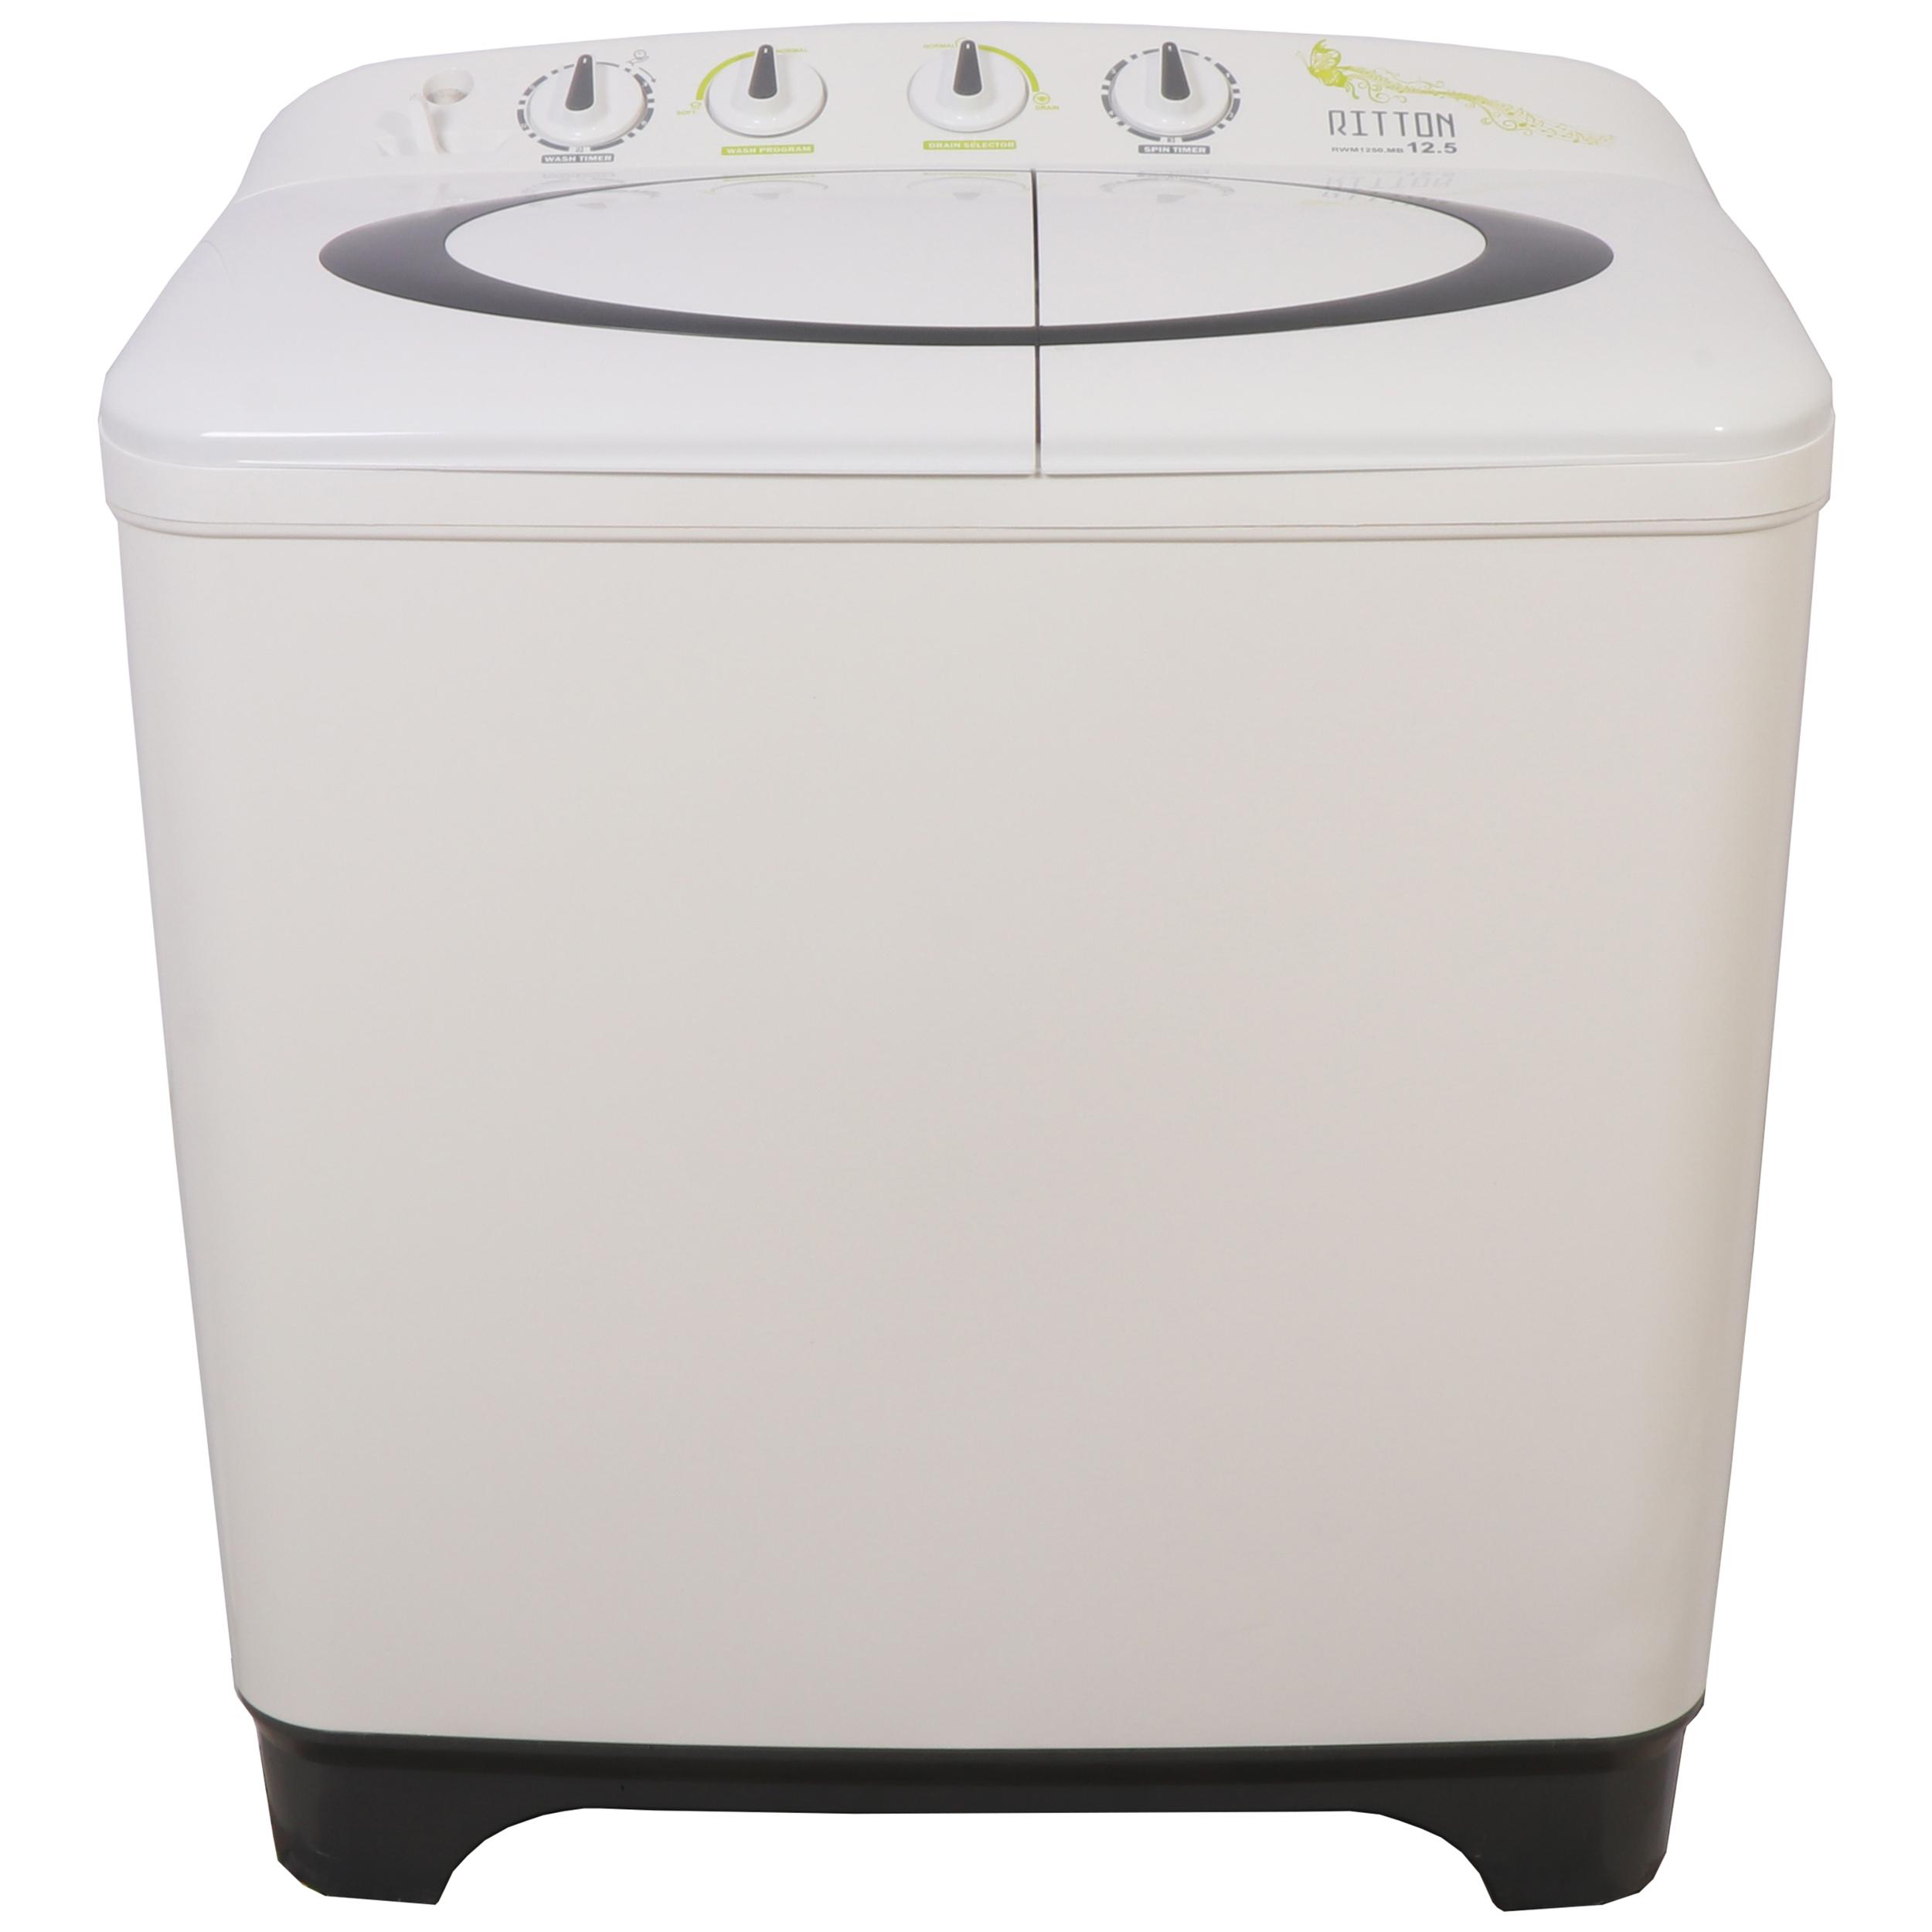 ماشین لباسشویی  ریتون مدل RWM 1250.MB ظرفیت 12.5 کیلوگرم